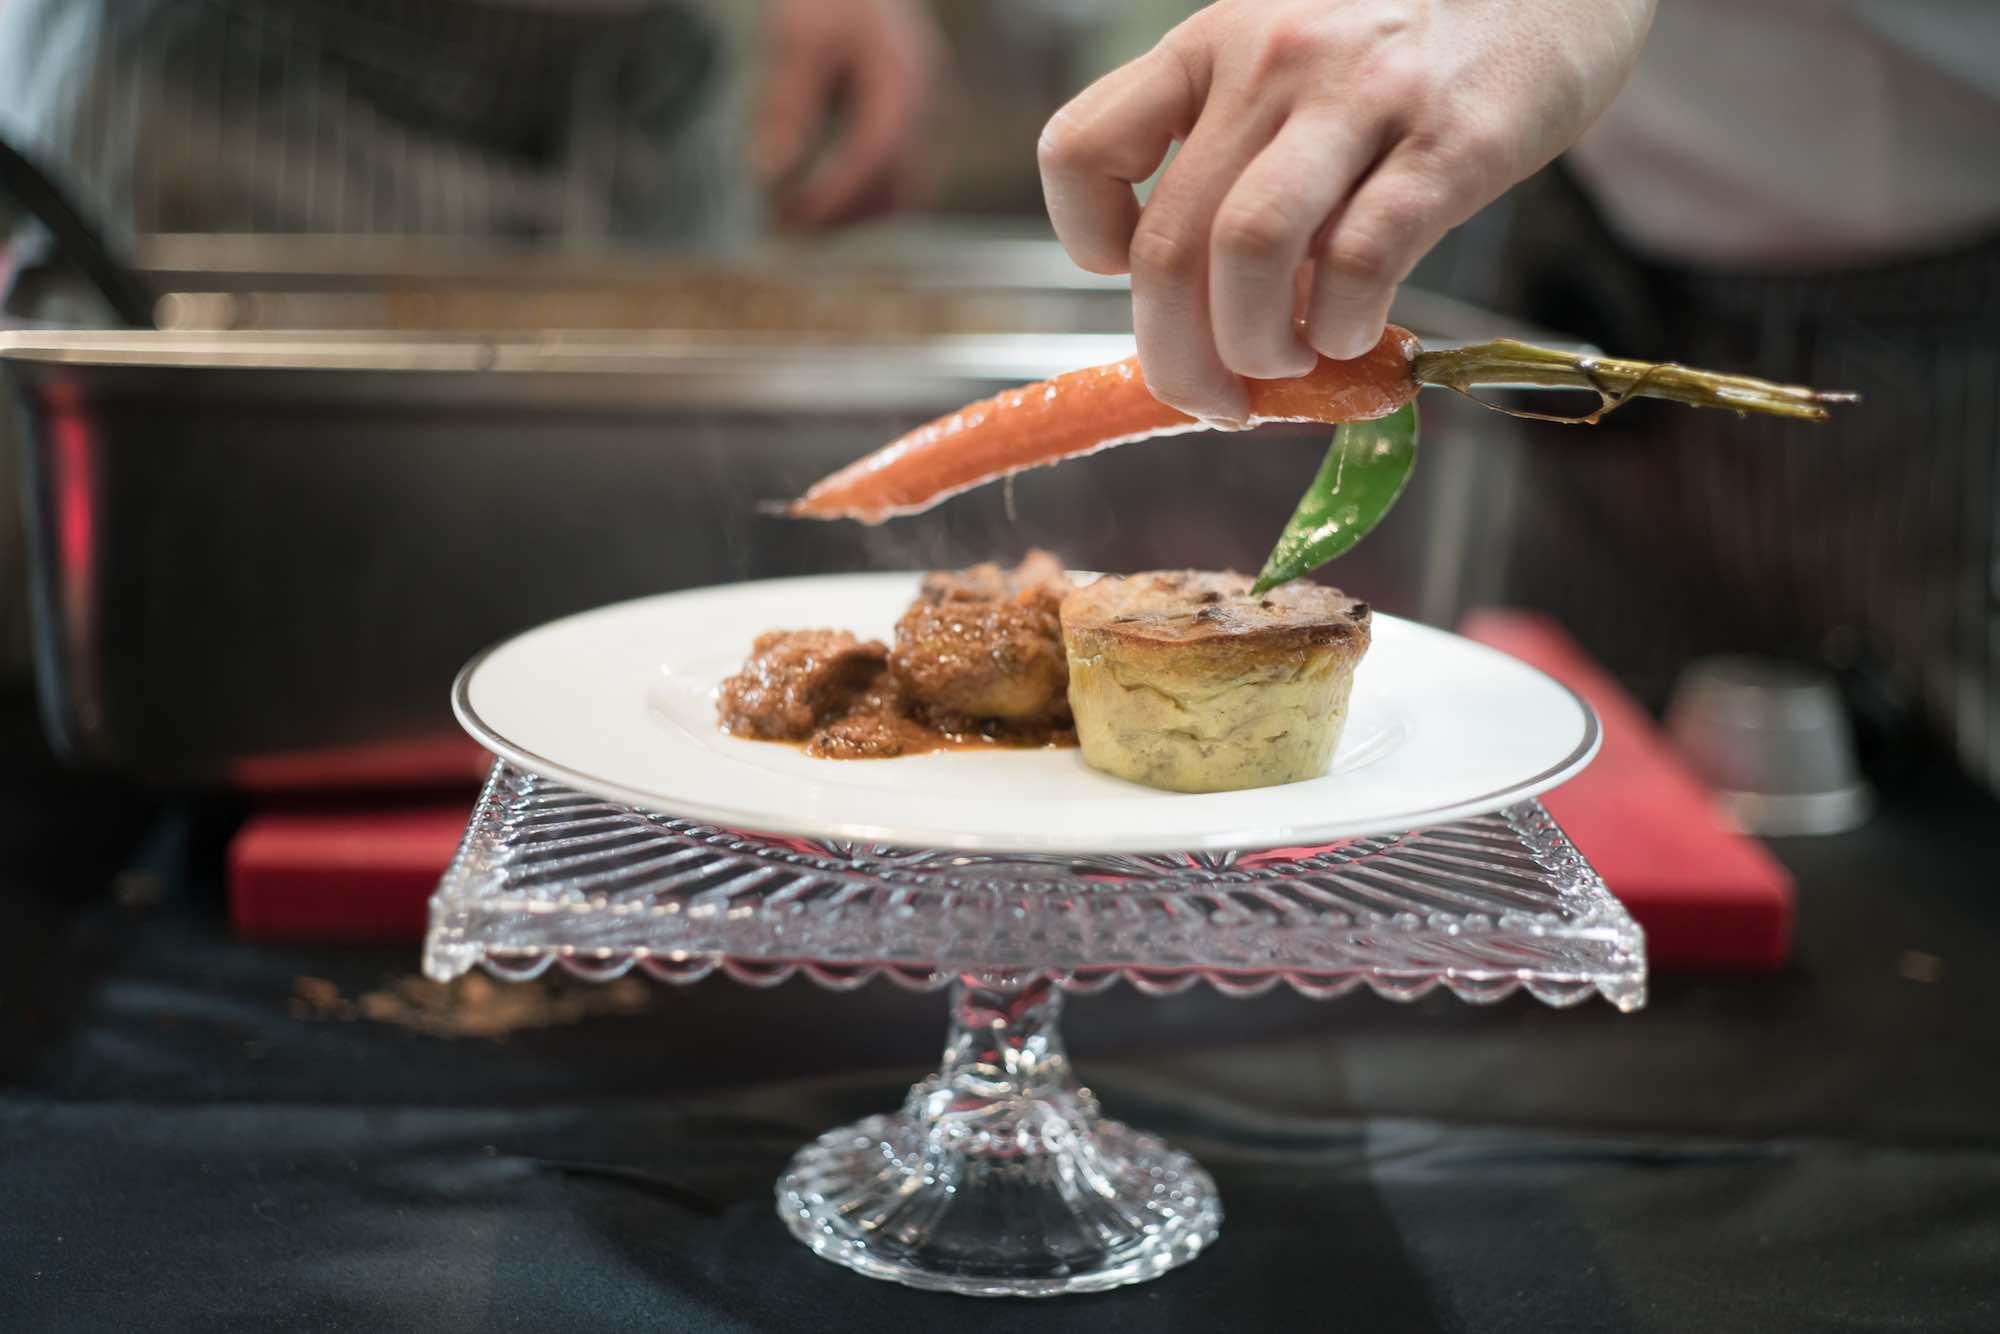 Roland's è un Catering Toscano d'eccellenza che, con professionalità e discrezione, rende un evento unico e inimitabile.